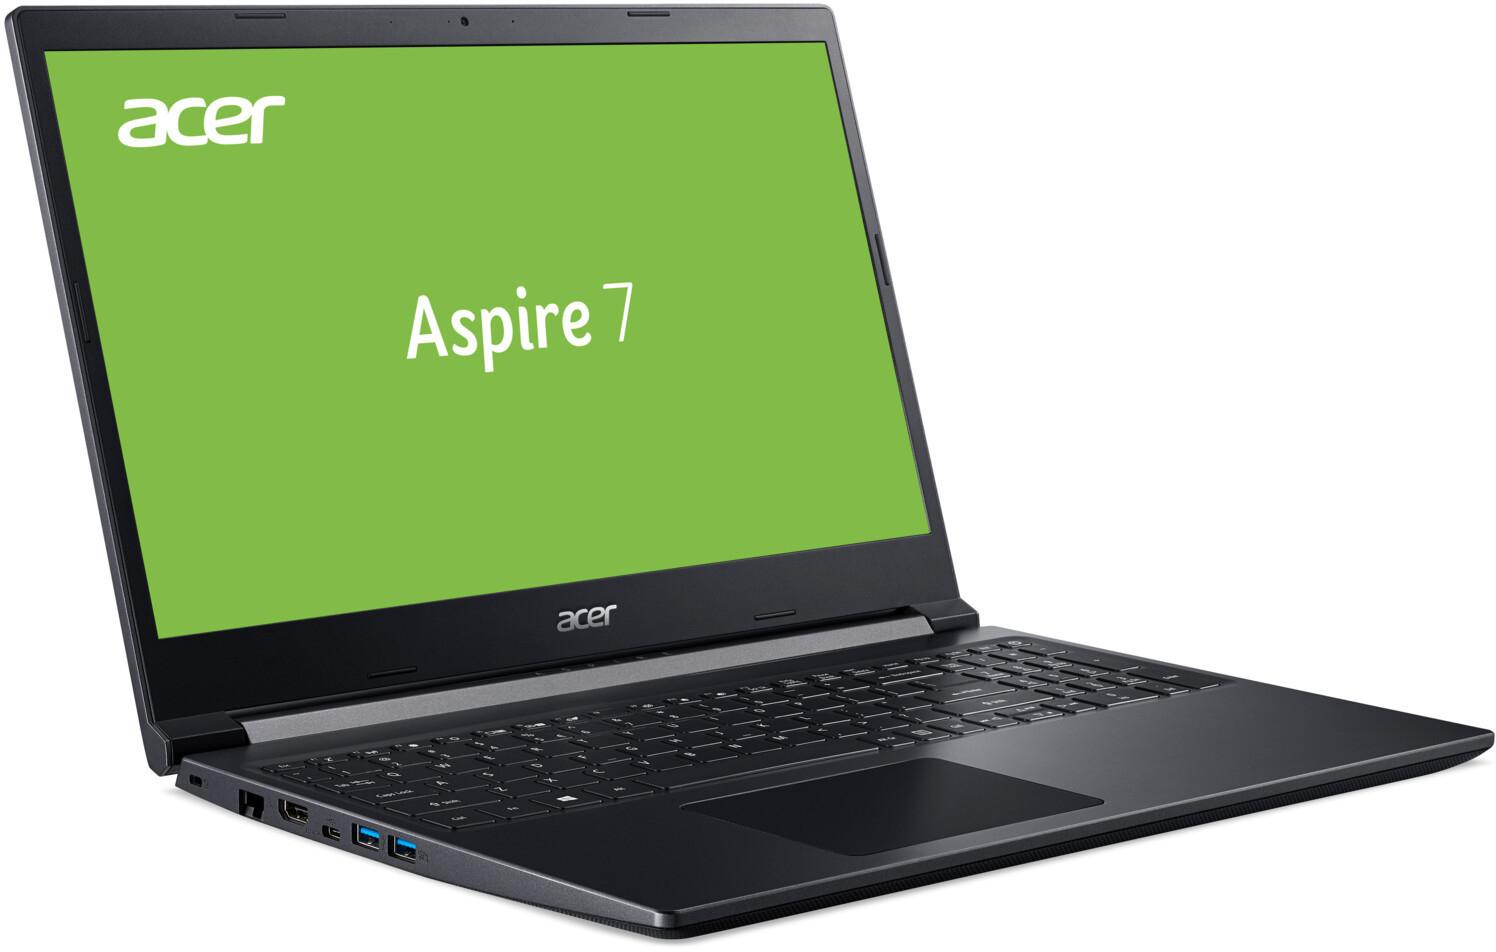 """Acer Aspire 7 Notebook mit 15,6"""" FHD, AMD Ryzen 5 3550H, GTX1650, 8GB RAM , 512GB SSD, Bel. Tastatur, Fingerprint für 581,11€ (Media Markt)"""